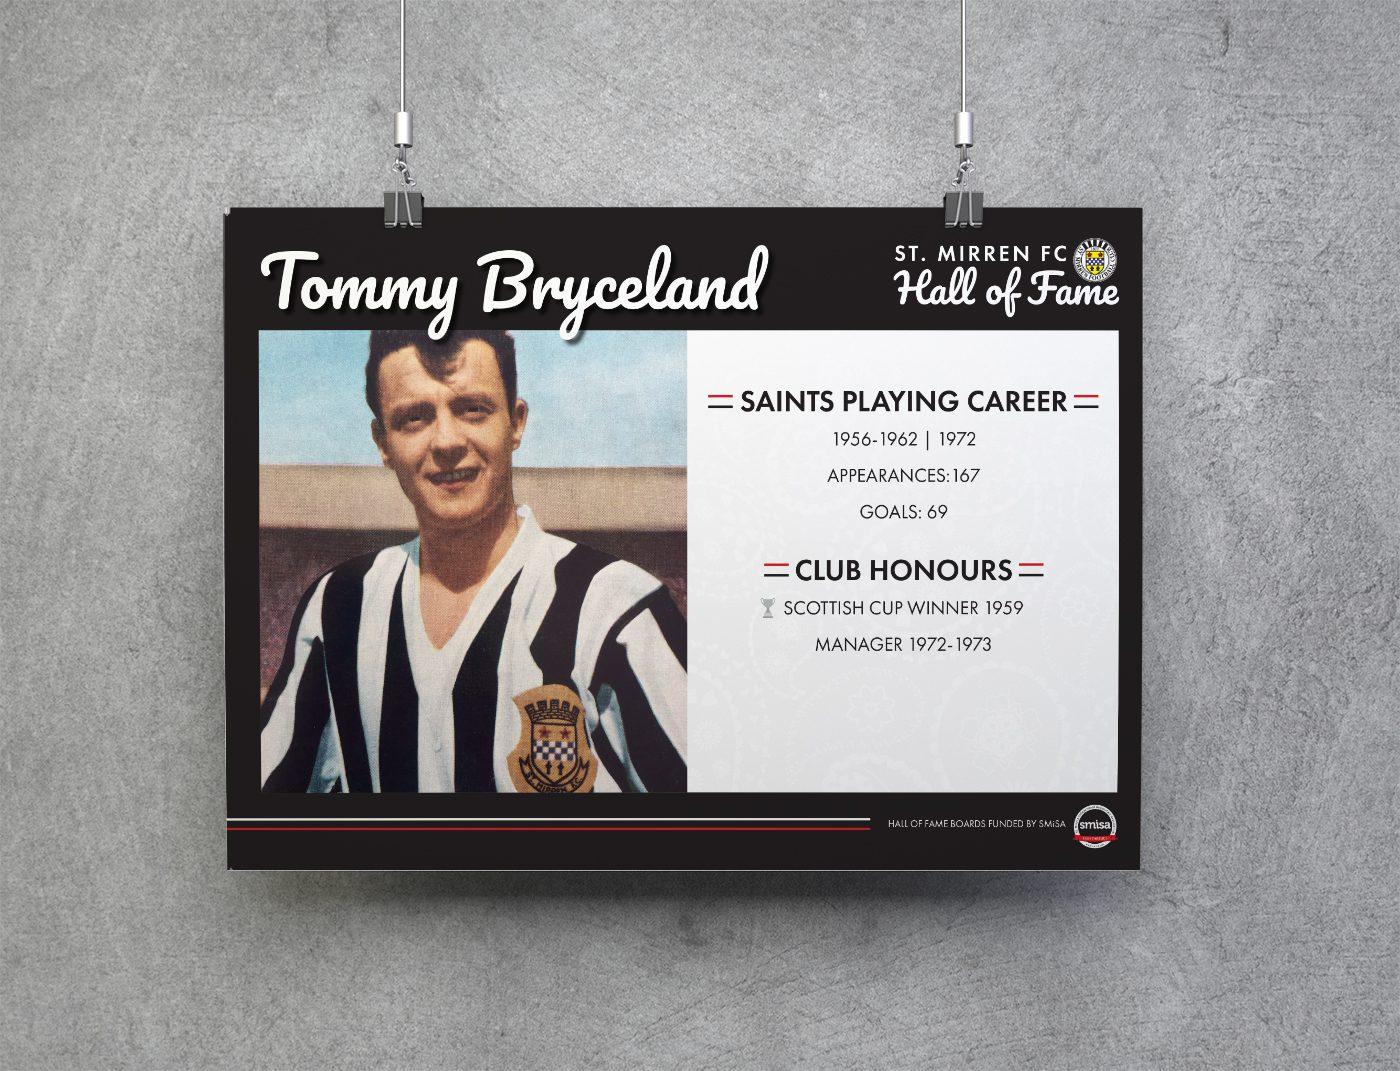 Tommy Bryceland